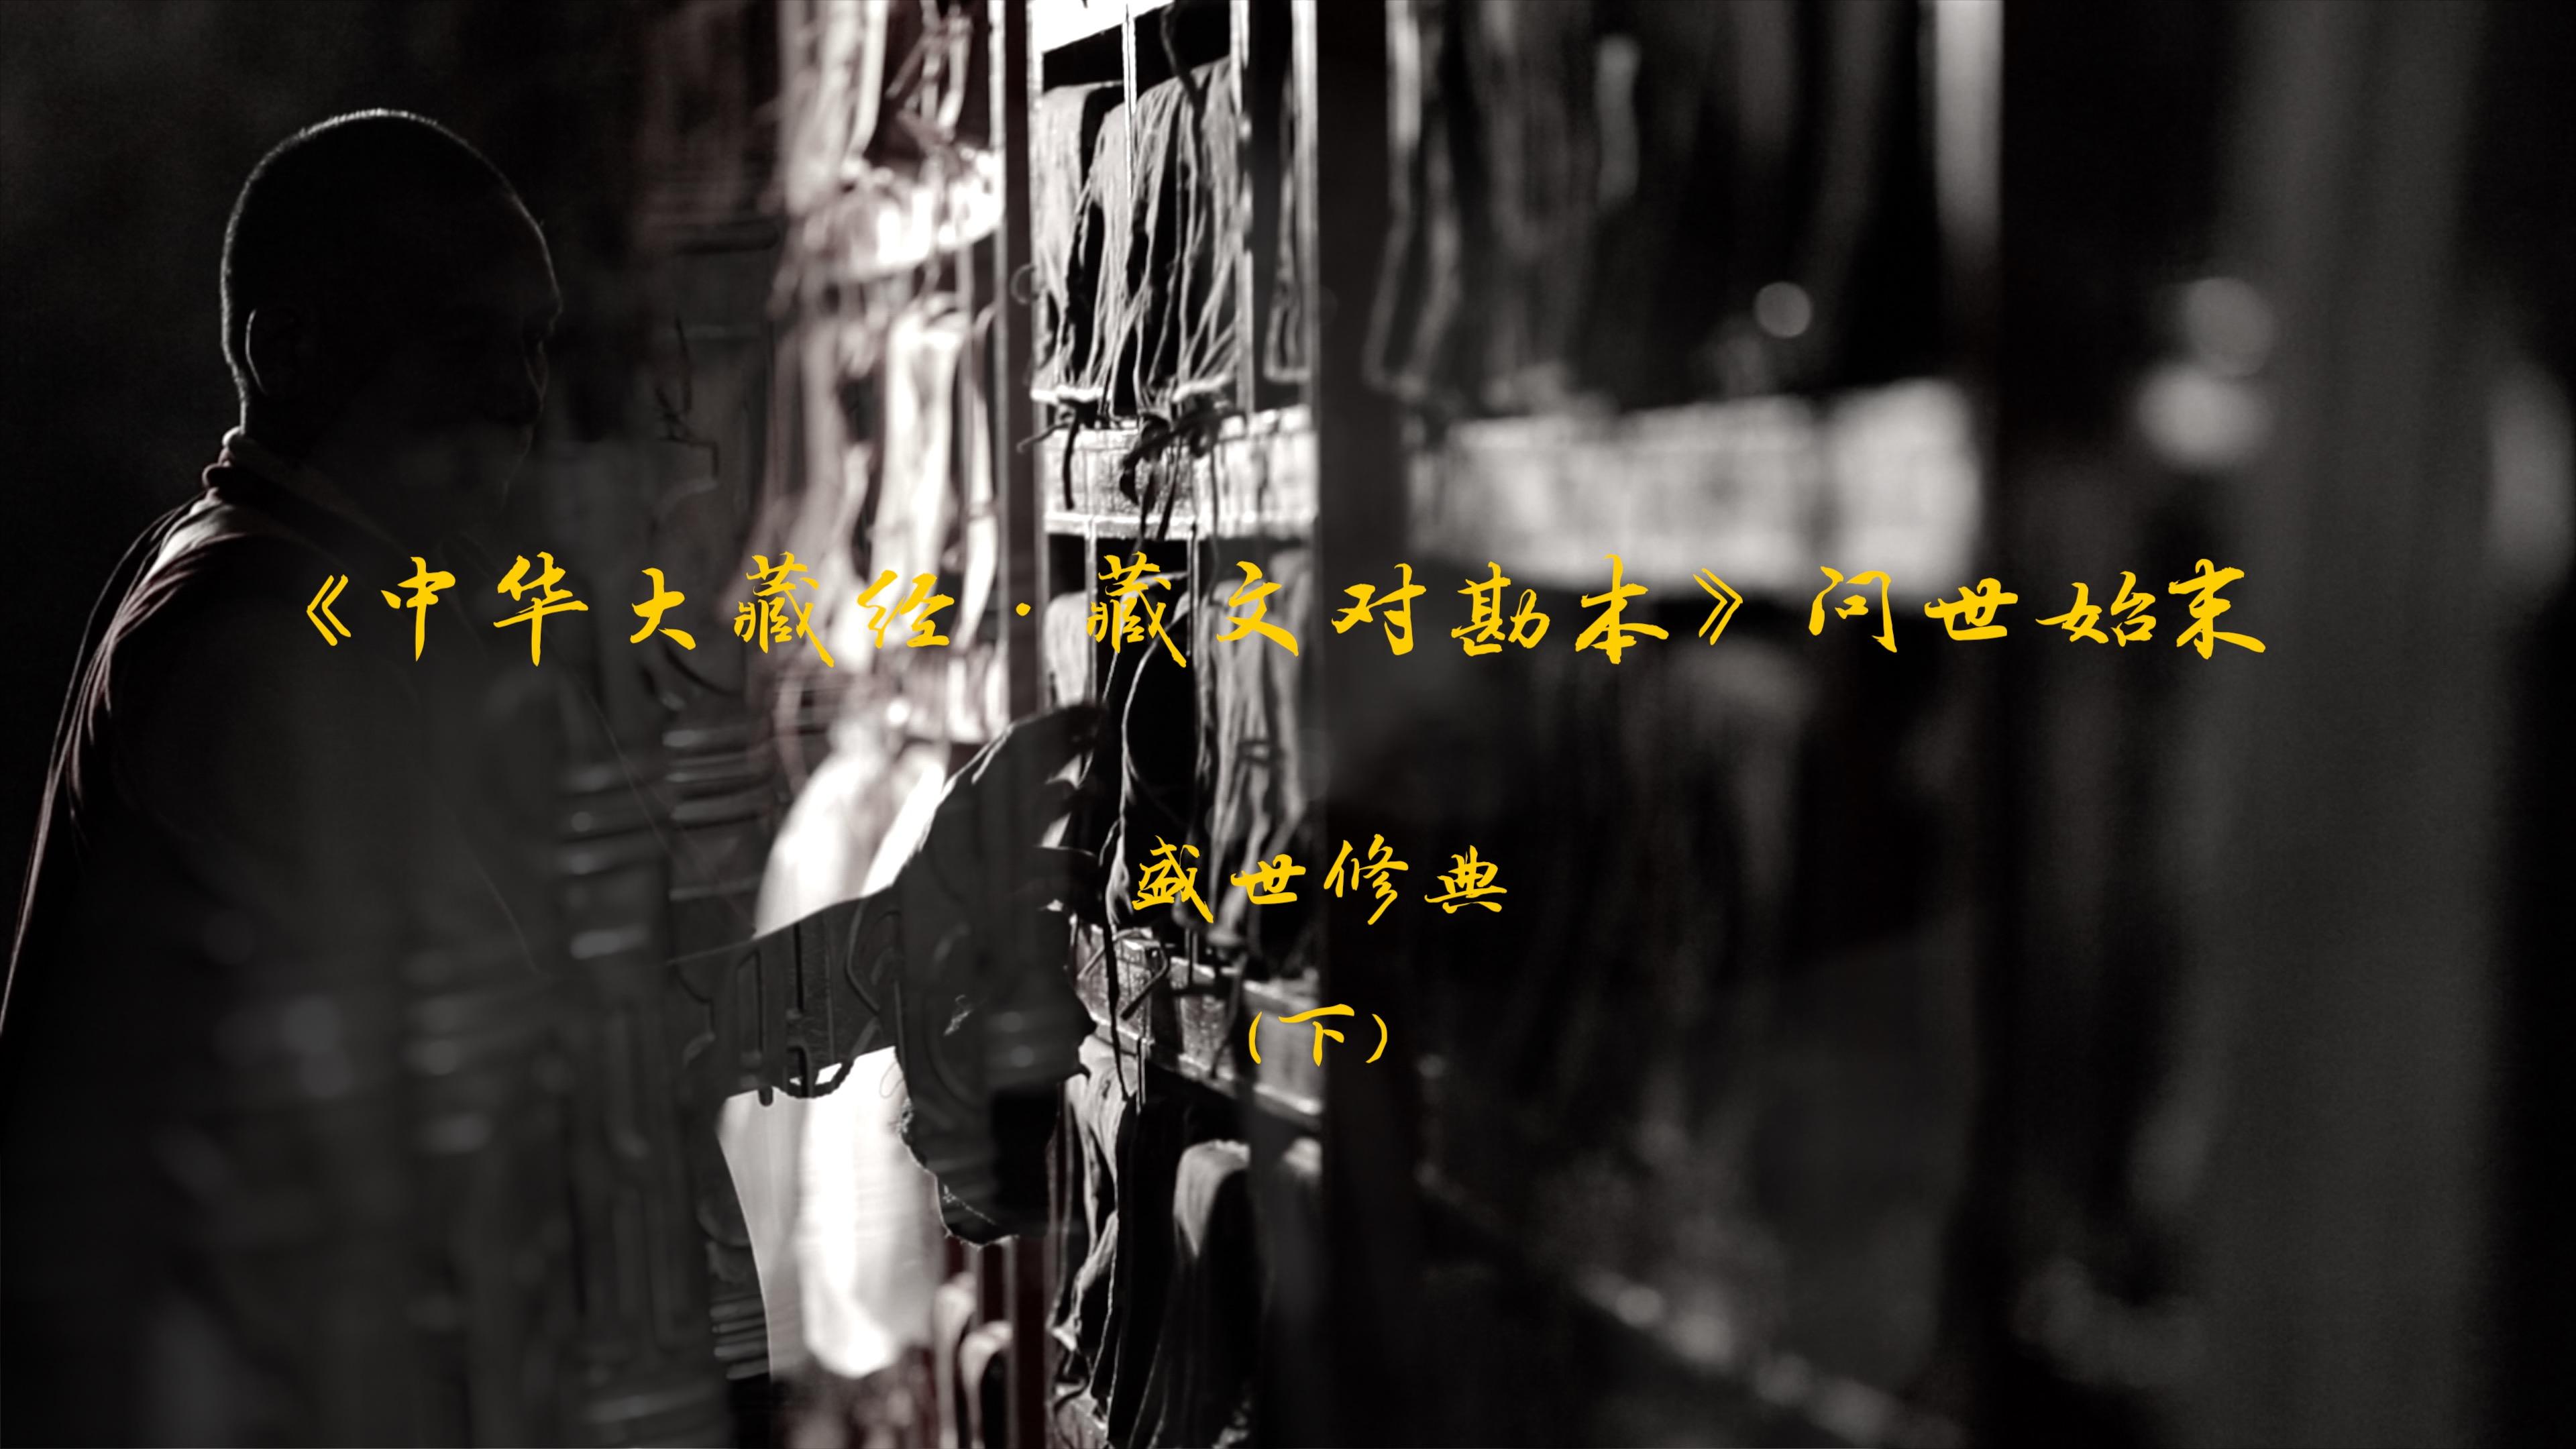 【西藏民主改革六十周年】盛世修典: 《中华大藏经·藏文对勘本》问世始末(下)